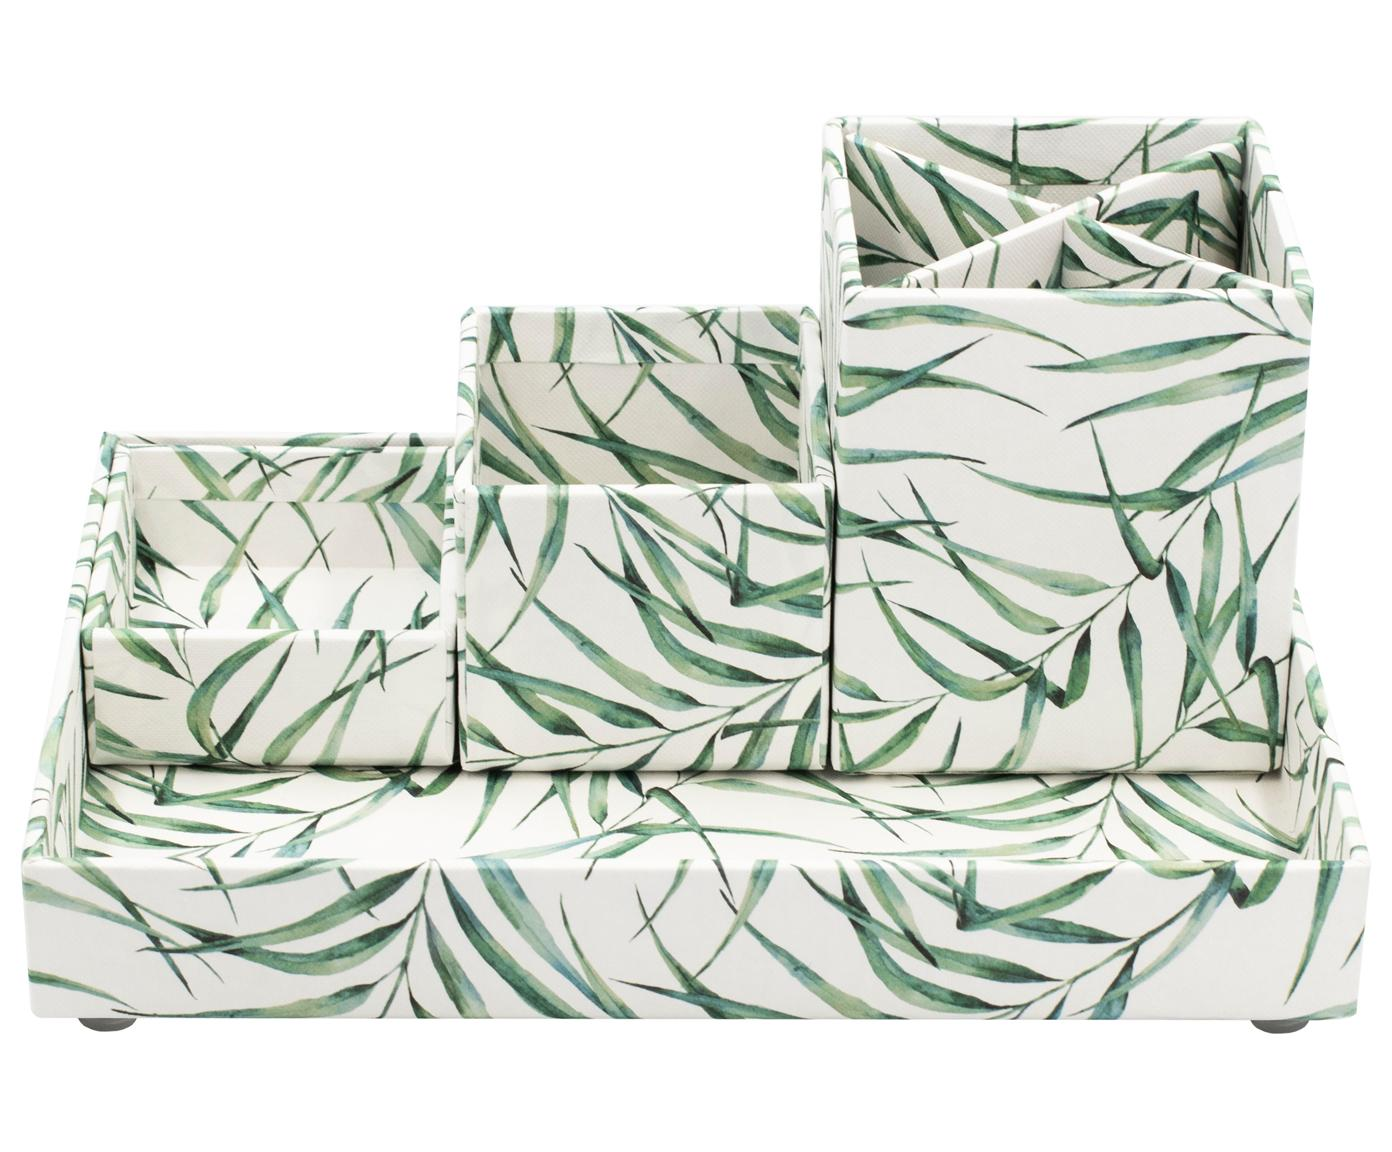 Organizer biurowy Breeze, Tektura laminowana, Biały, zielony, Różne rozmiary